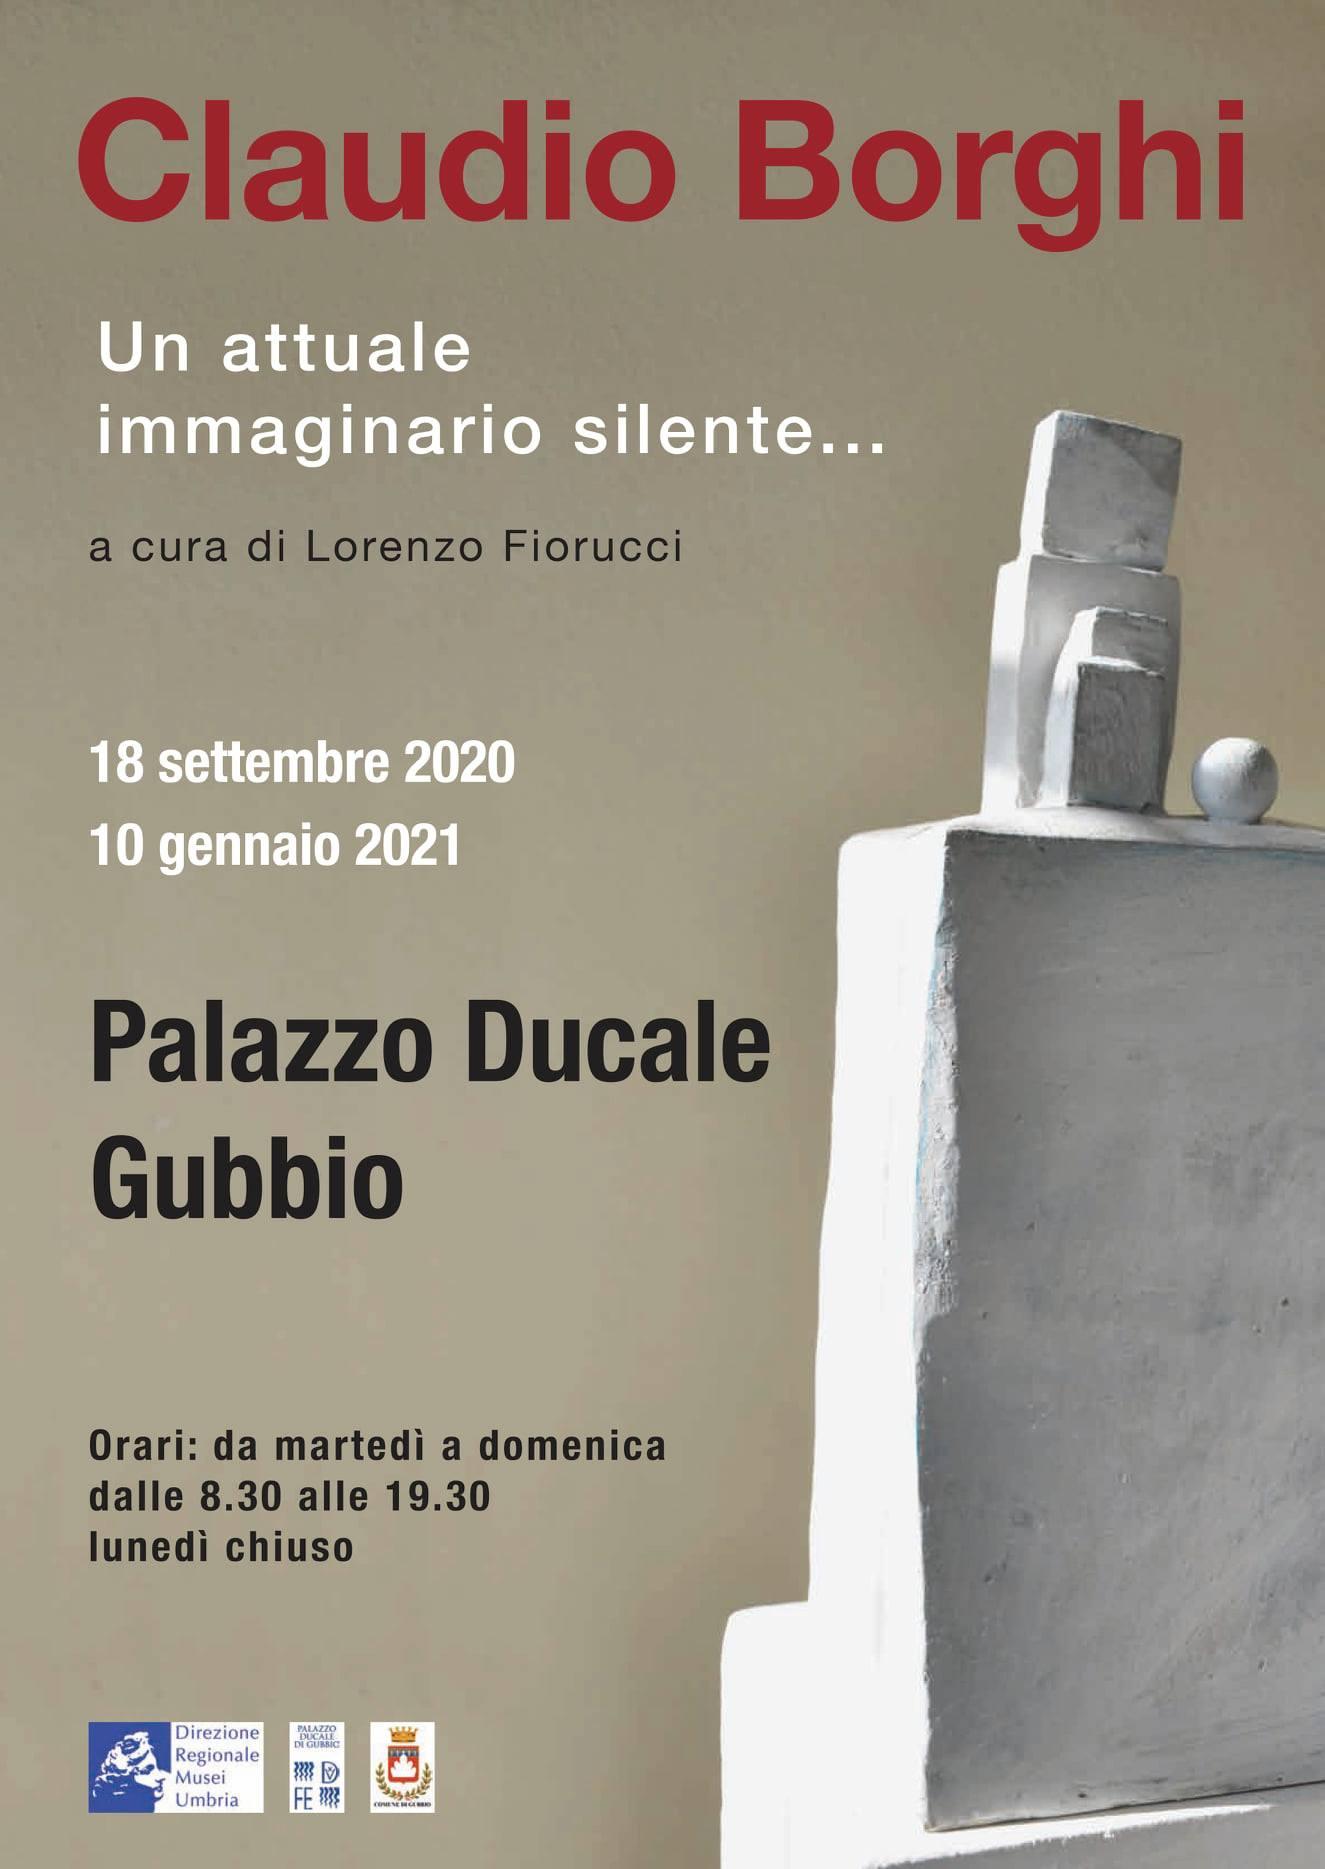 Palazzo ducale di Gubbio, 18.09.2020 – 10.01.2021